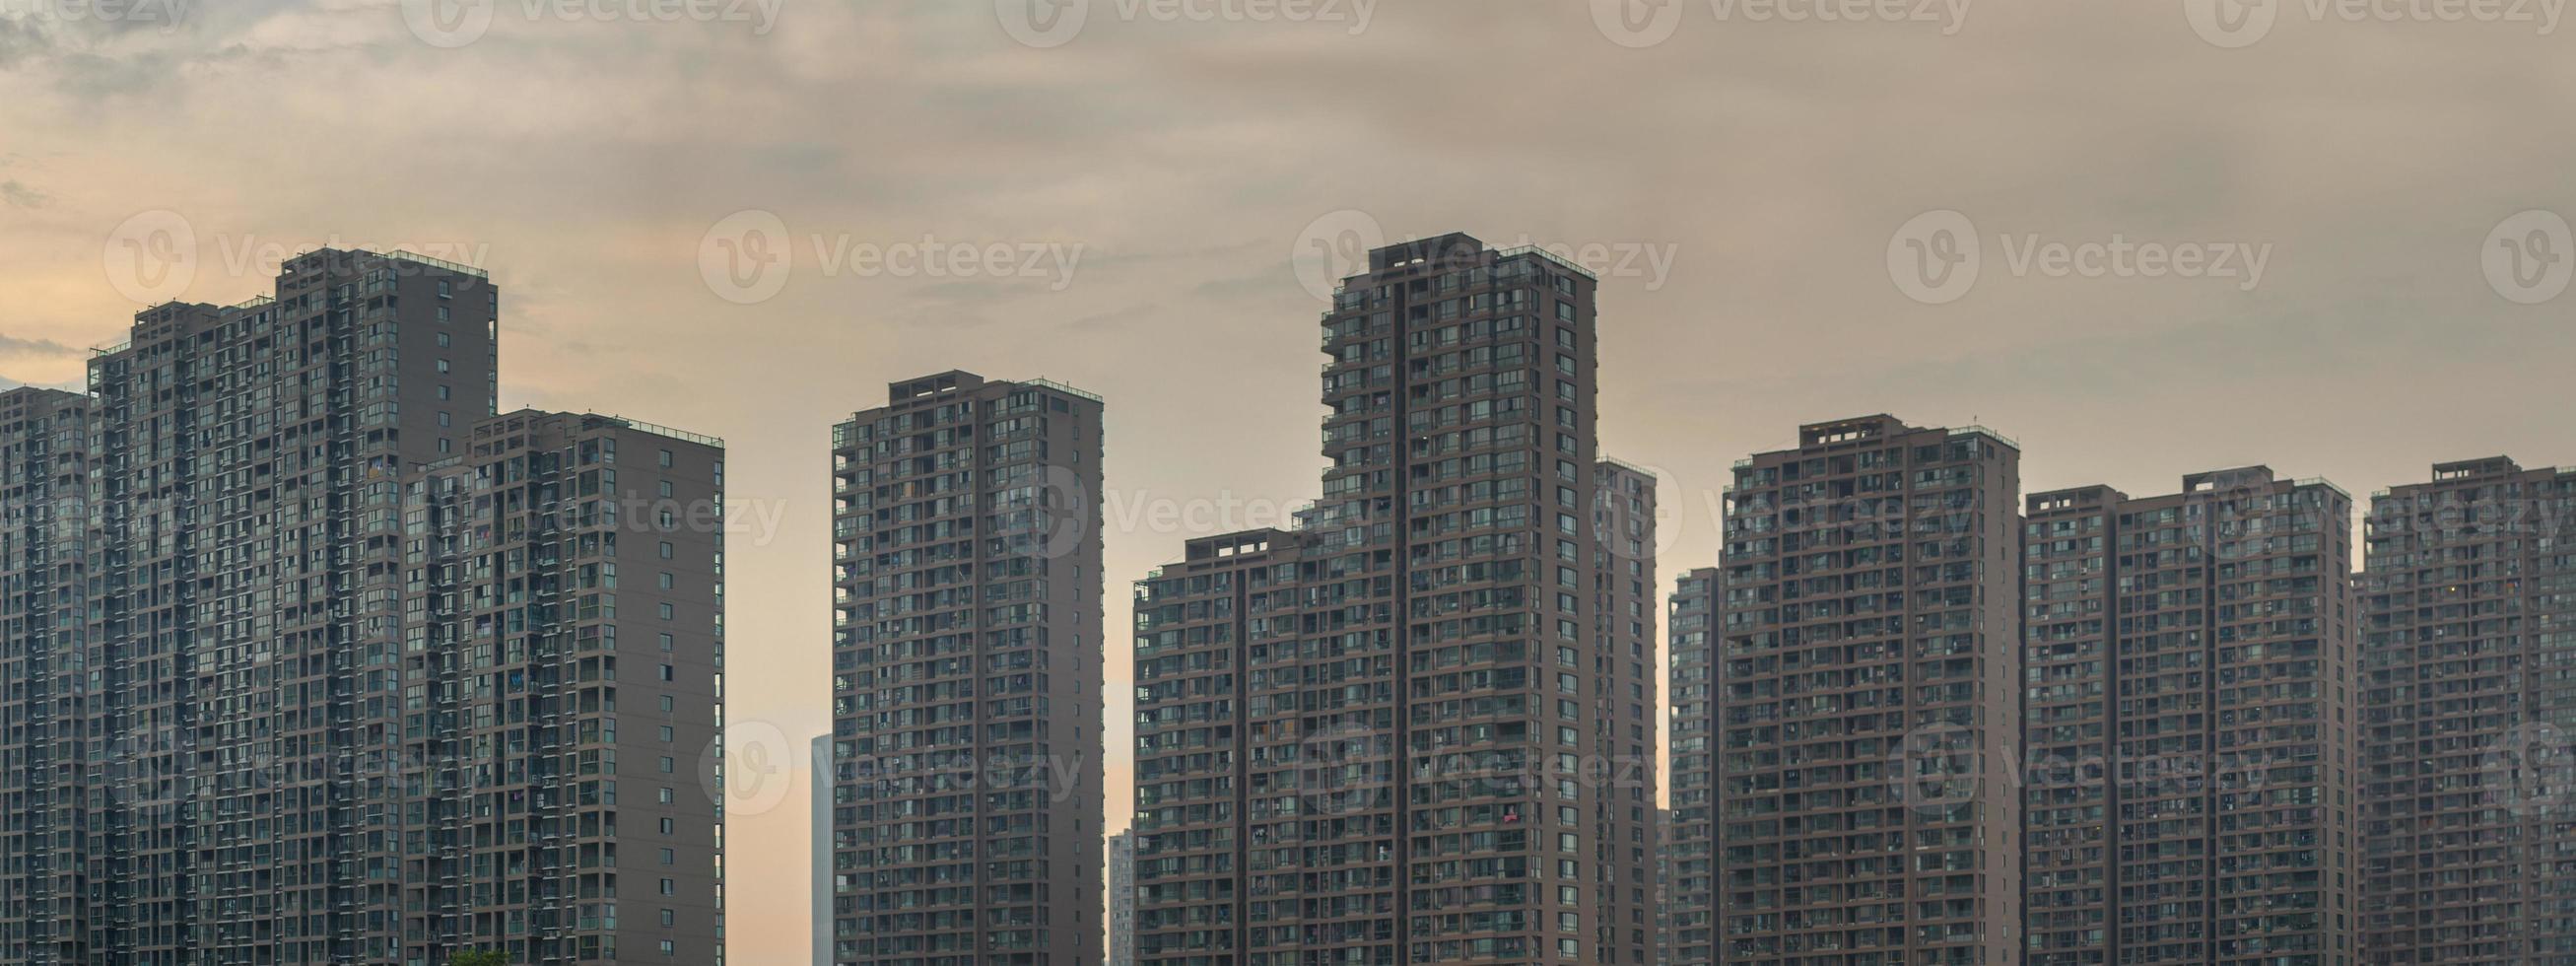 Reihe von Wohngebäuden in China im Morgengrauen foto